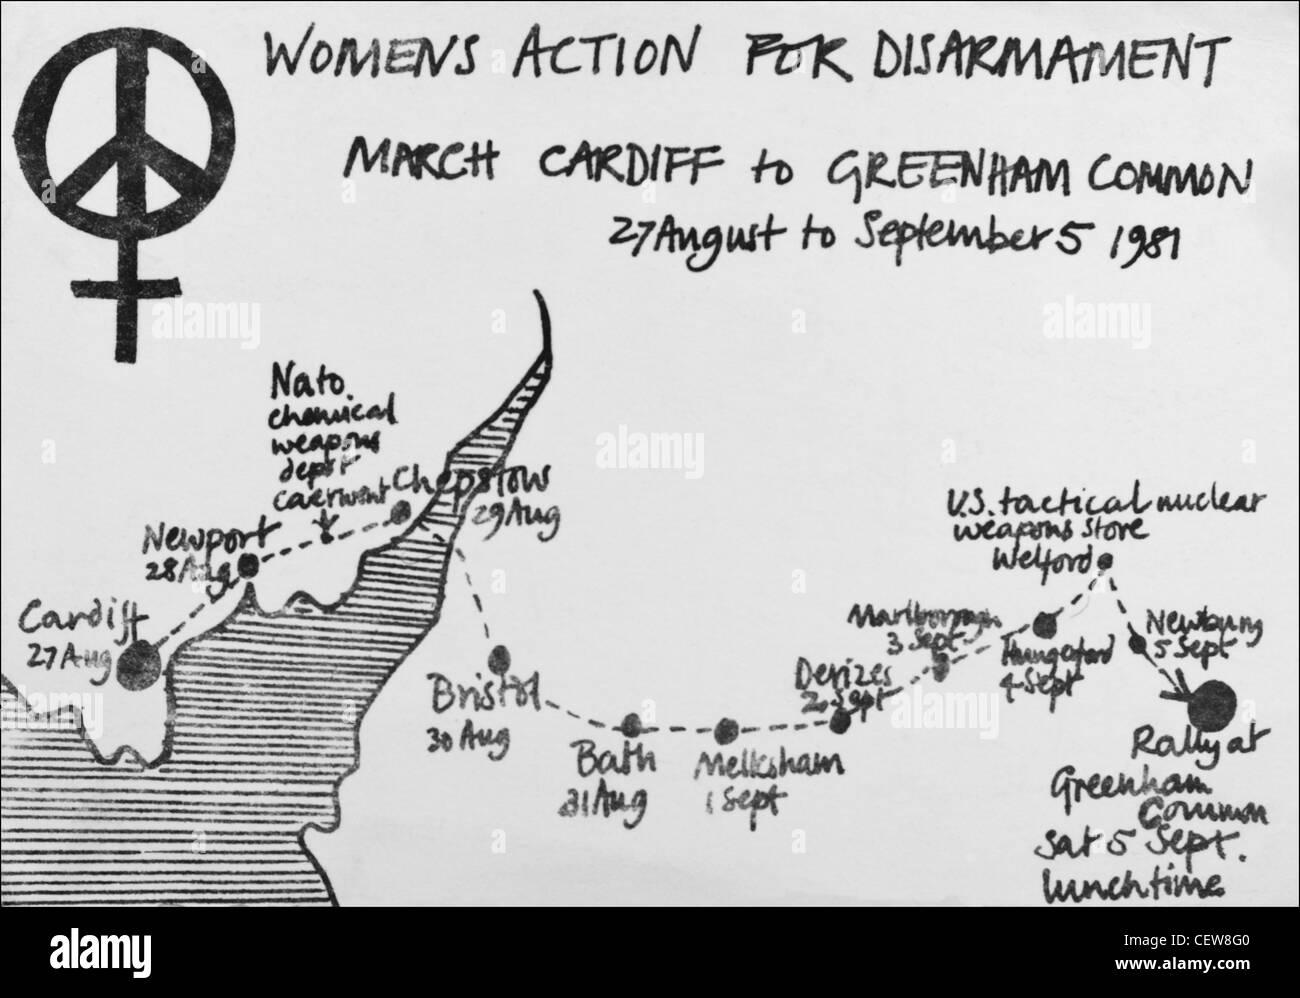 Postales de la acción de las mujeres para el Desarme Cardiff de Greenham Common CND marcha por la paz del 27 Imagen De Stock